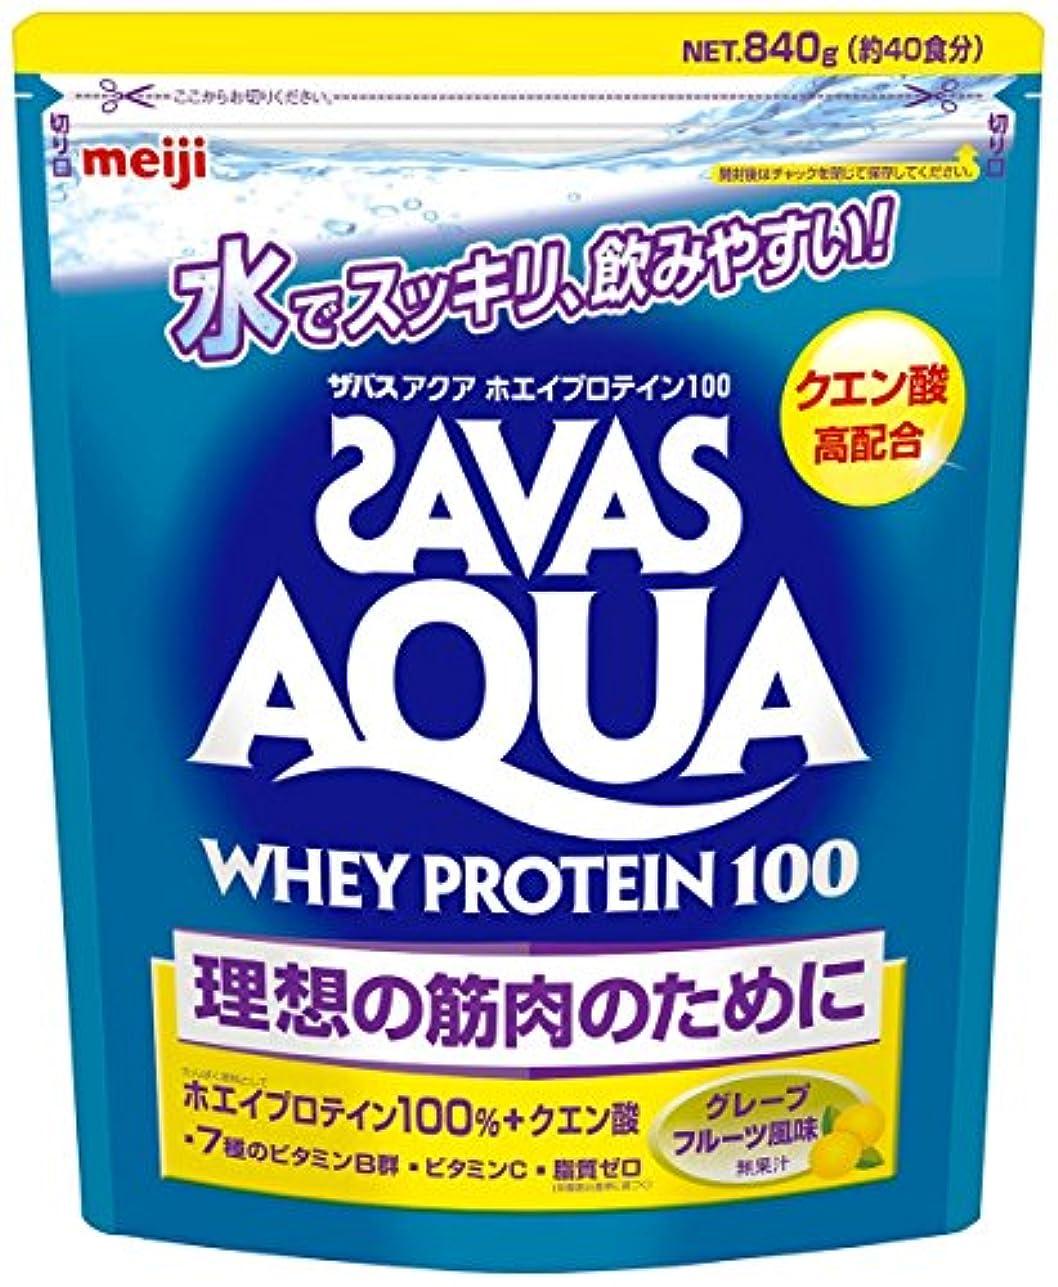 瀬戸際ロータリーサーキットに行くザバス(SAVAS) アクアホエイプロテイン100+クエン酸 グレープフルーツ風味【40食分】 840g